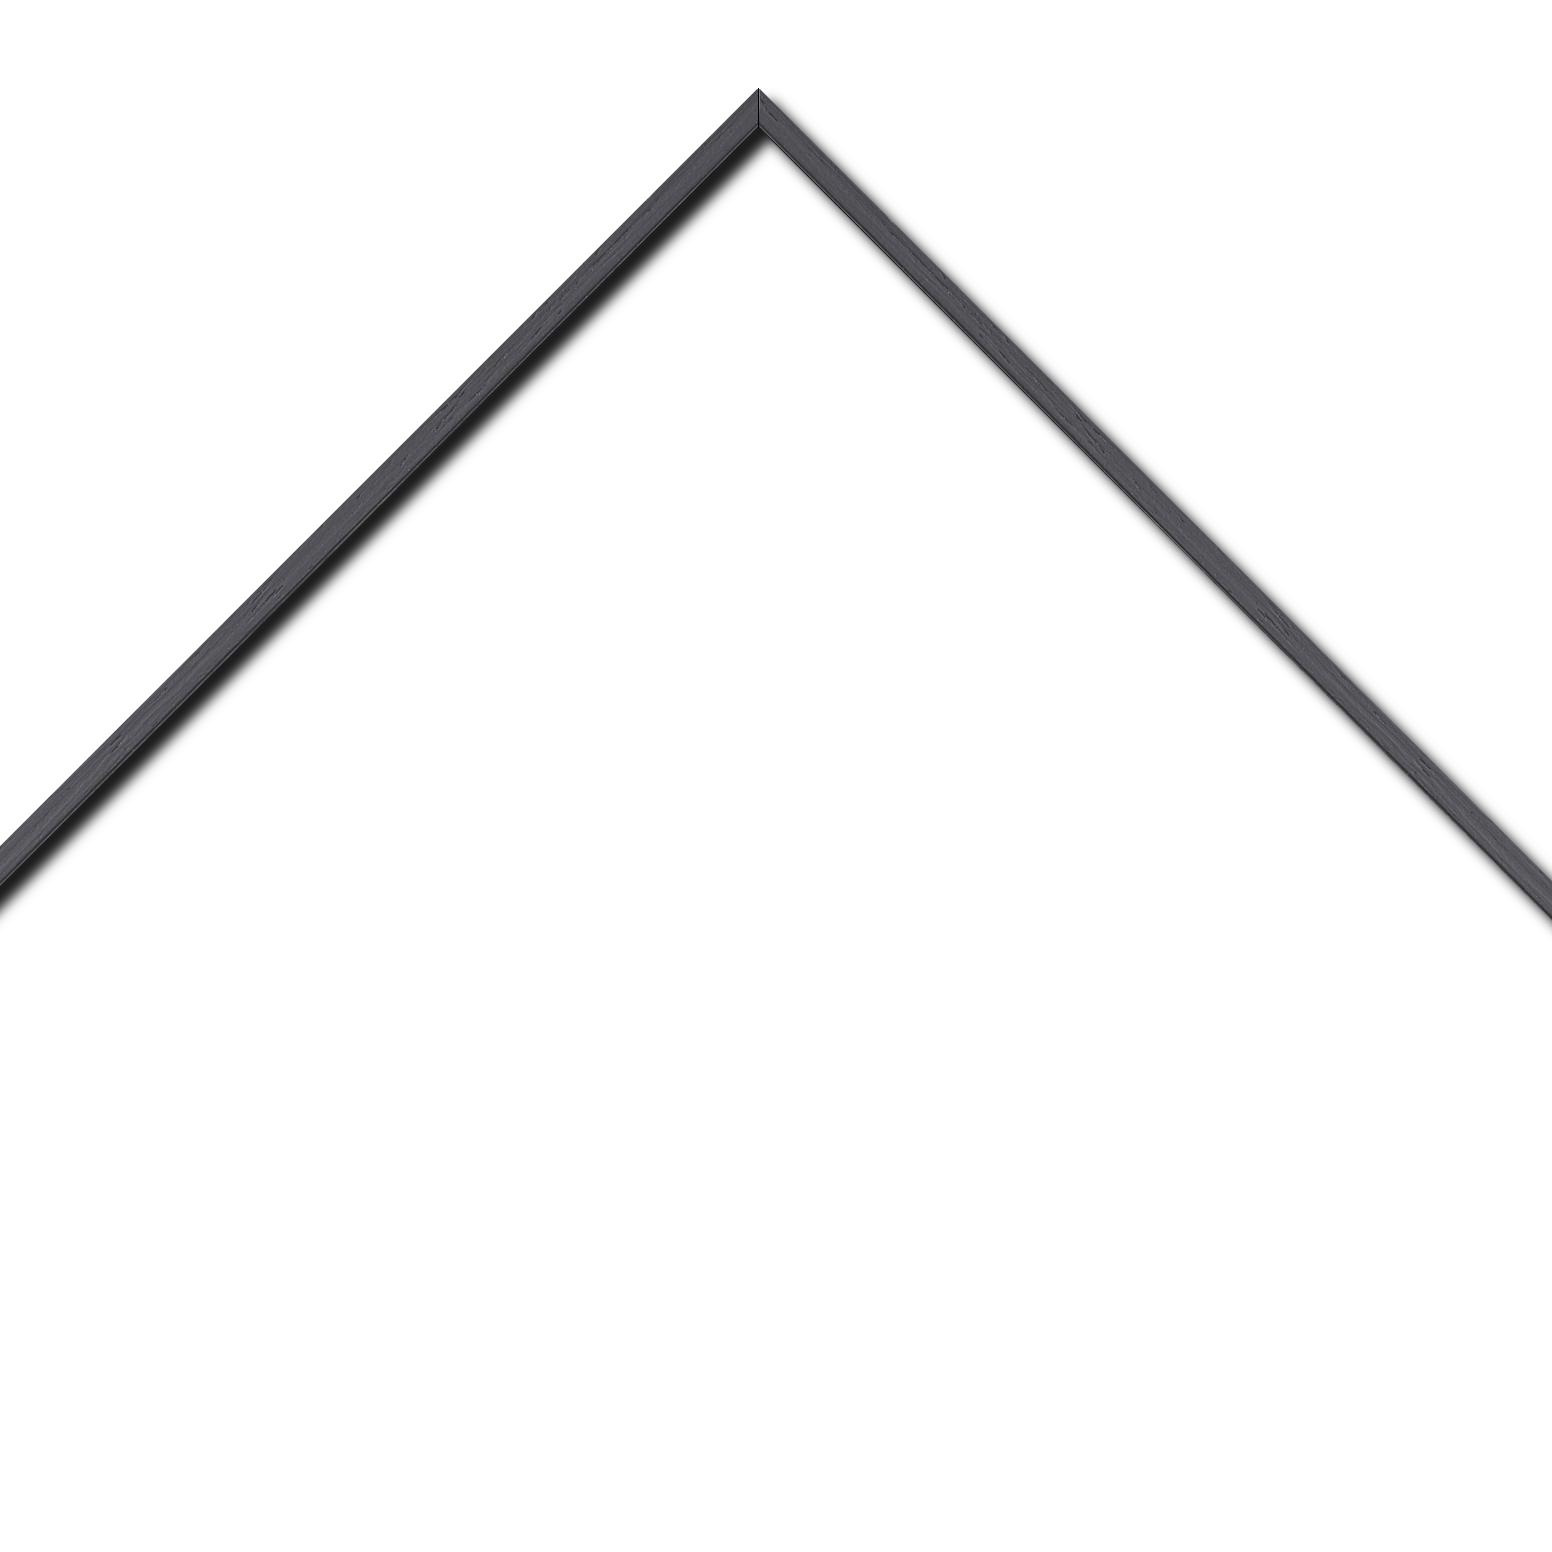 Baguette aluminium profil plat largeur 8mm, placage véritable chêne teinté noir  ,(le sujet qui sera glissé dans le cadre sera en retrait de 6mm de la face du cadre assurant un effet très contemporain) mise en place du sujet rapide et simple: il faut enlever les ressorts qui permet de pousser le sujet vers l'avant du cadre et ensuite à l'aide d'un tournevis plat dévisser un coté du cadre tenu par une équerre à vis à chaque angle afin de pouvoir glisser le sujet dans celui-ci et ensuite revisser le coté (encadrement livré monté prêt à l'emploi )